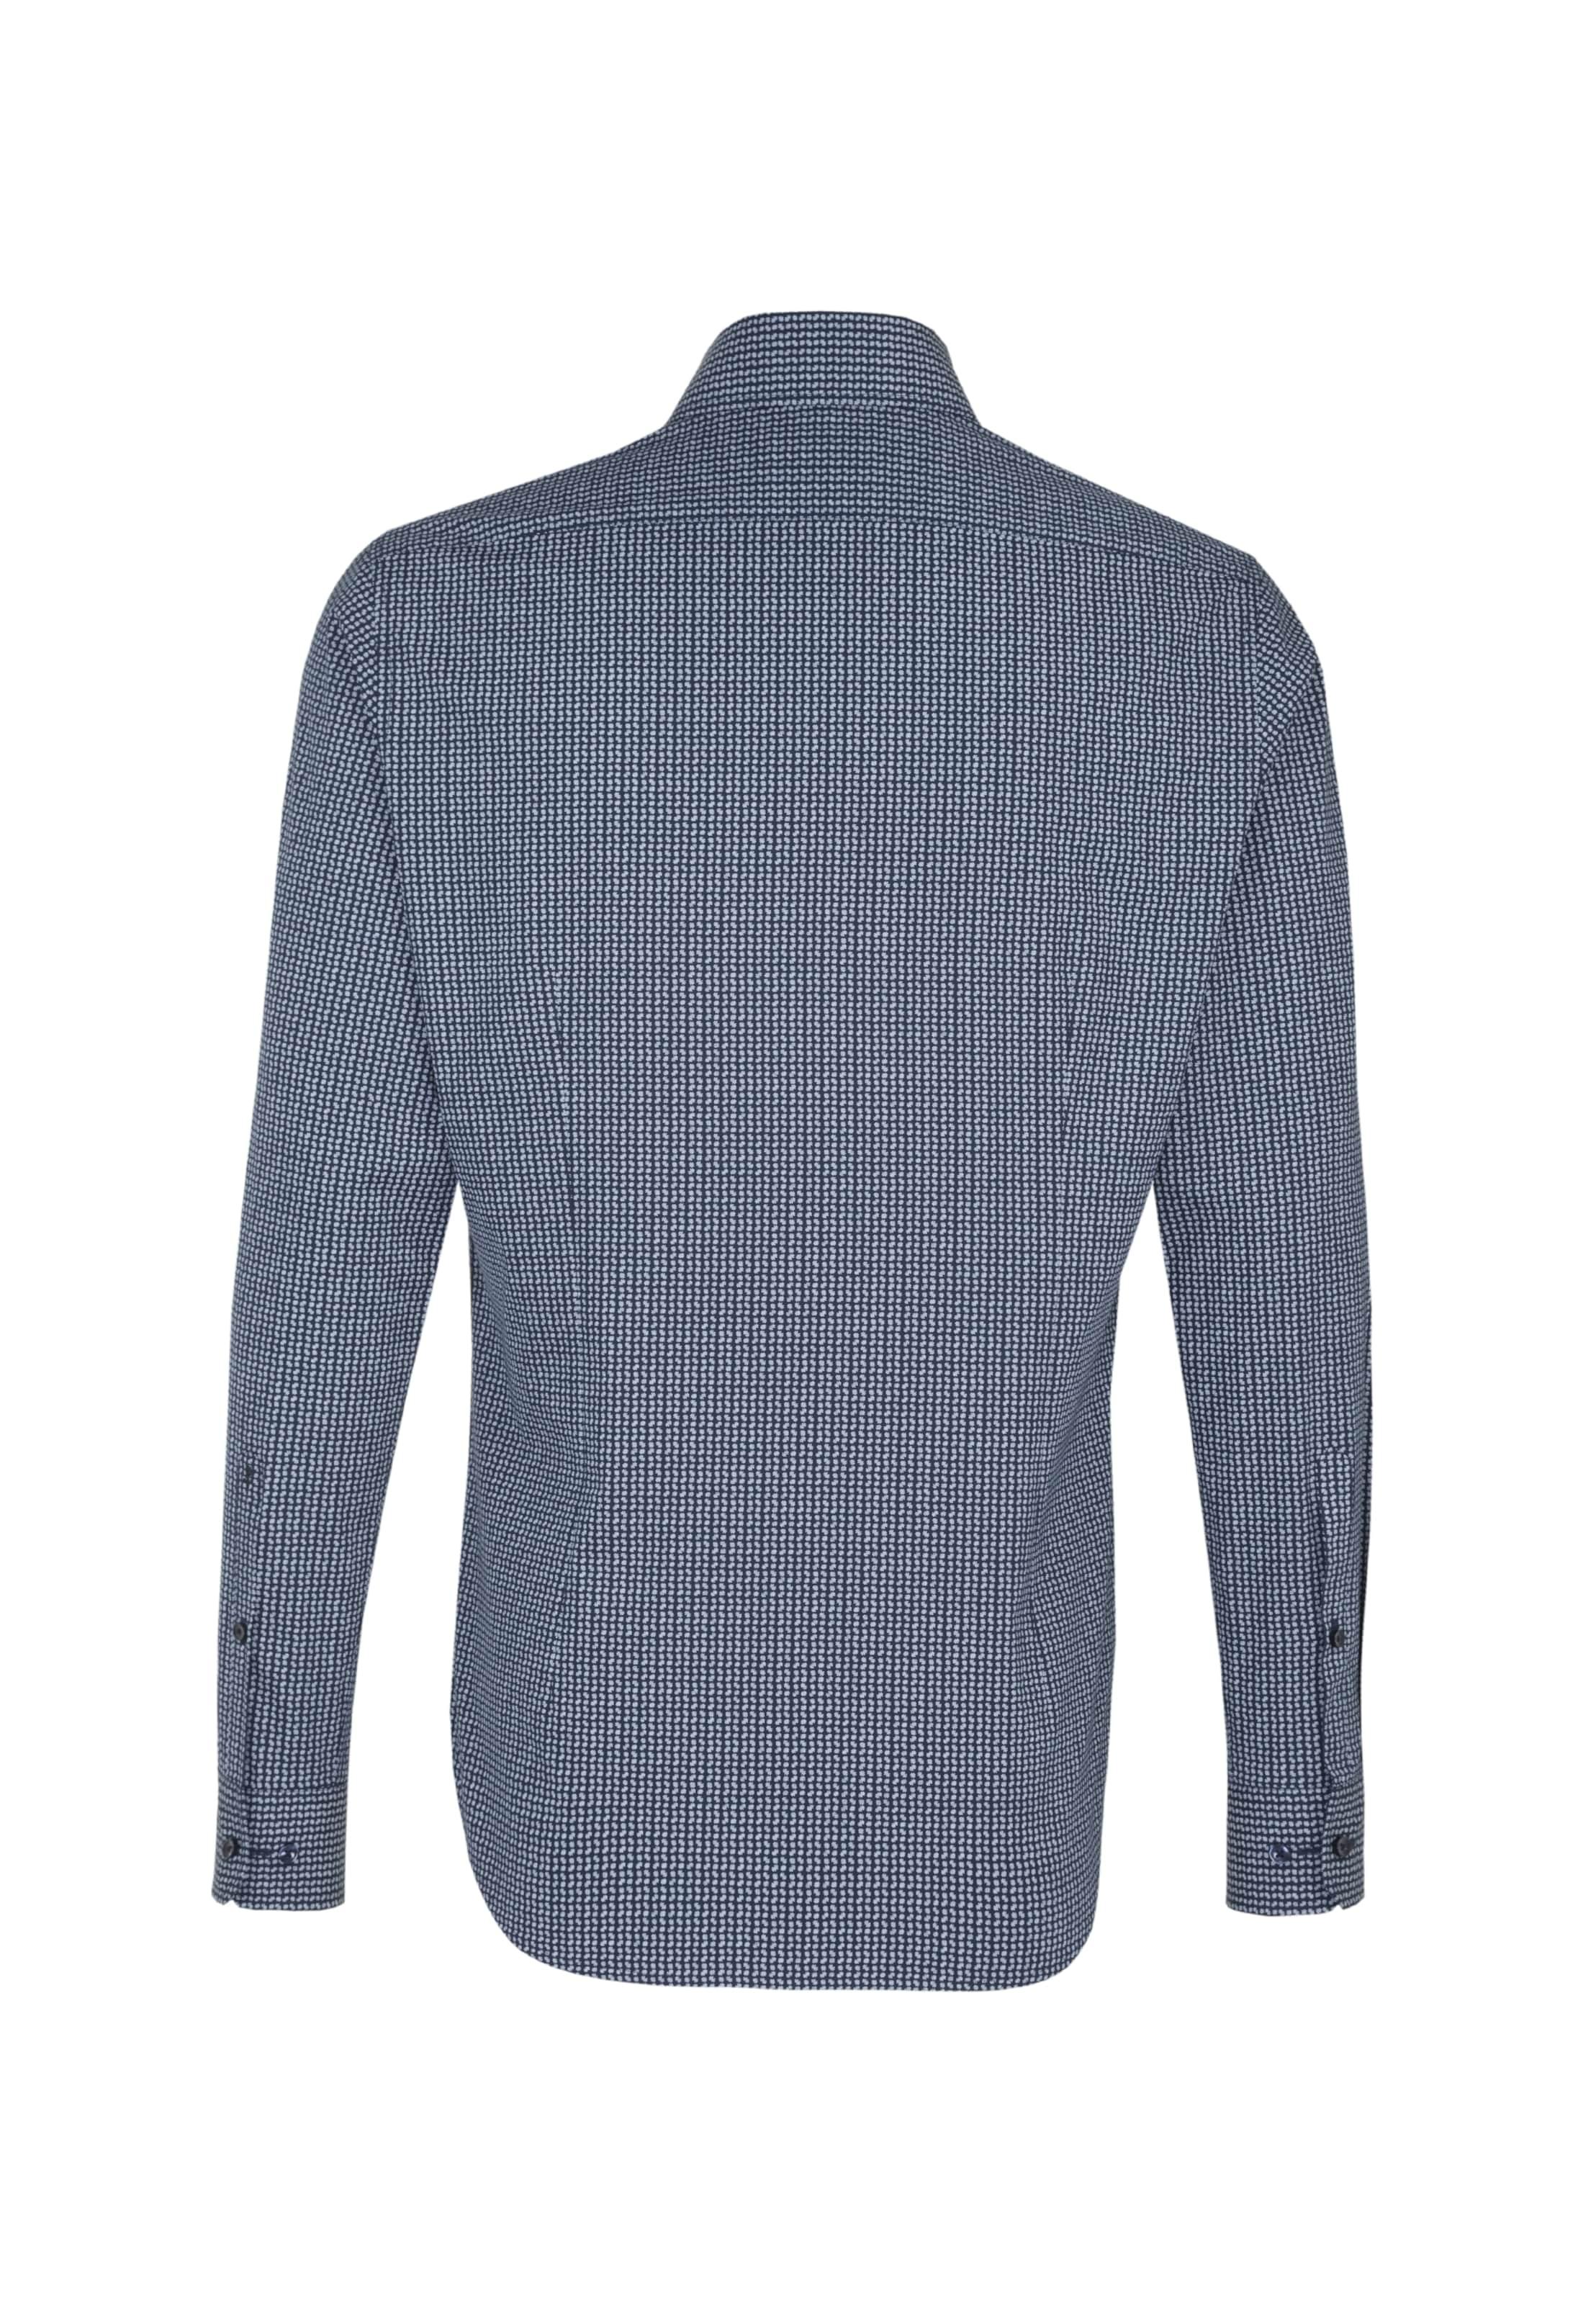 'tailored' DunkelblauGrau Hemd 'tailored' Seidensticker In 'tailored' Hemd Seidensticker Hemd In Seidensticker DunkelblauGrau hrCtsQd